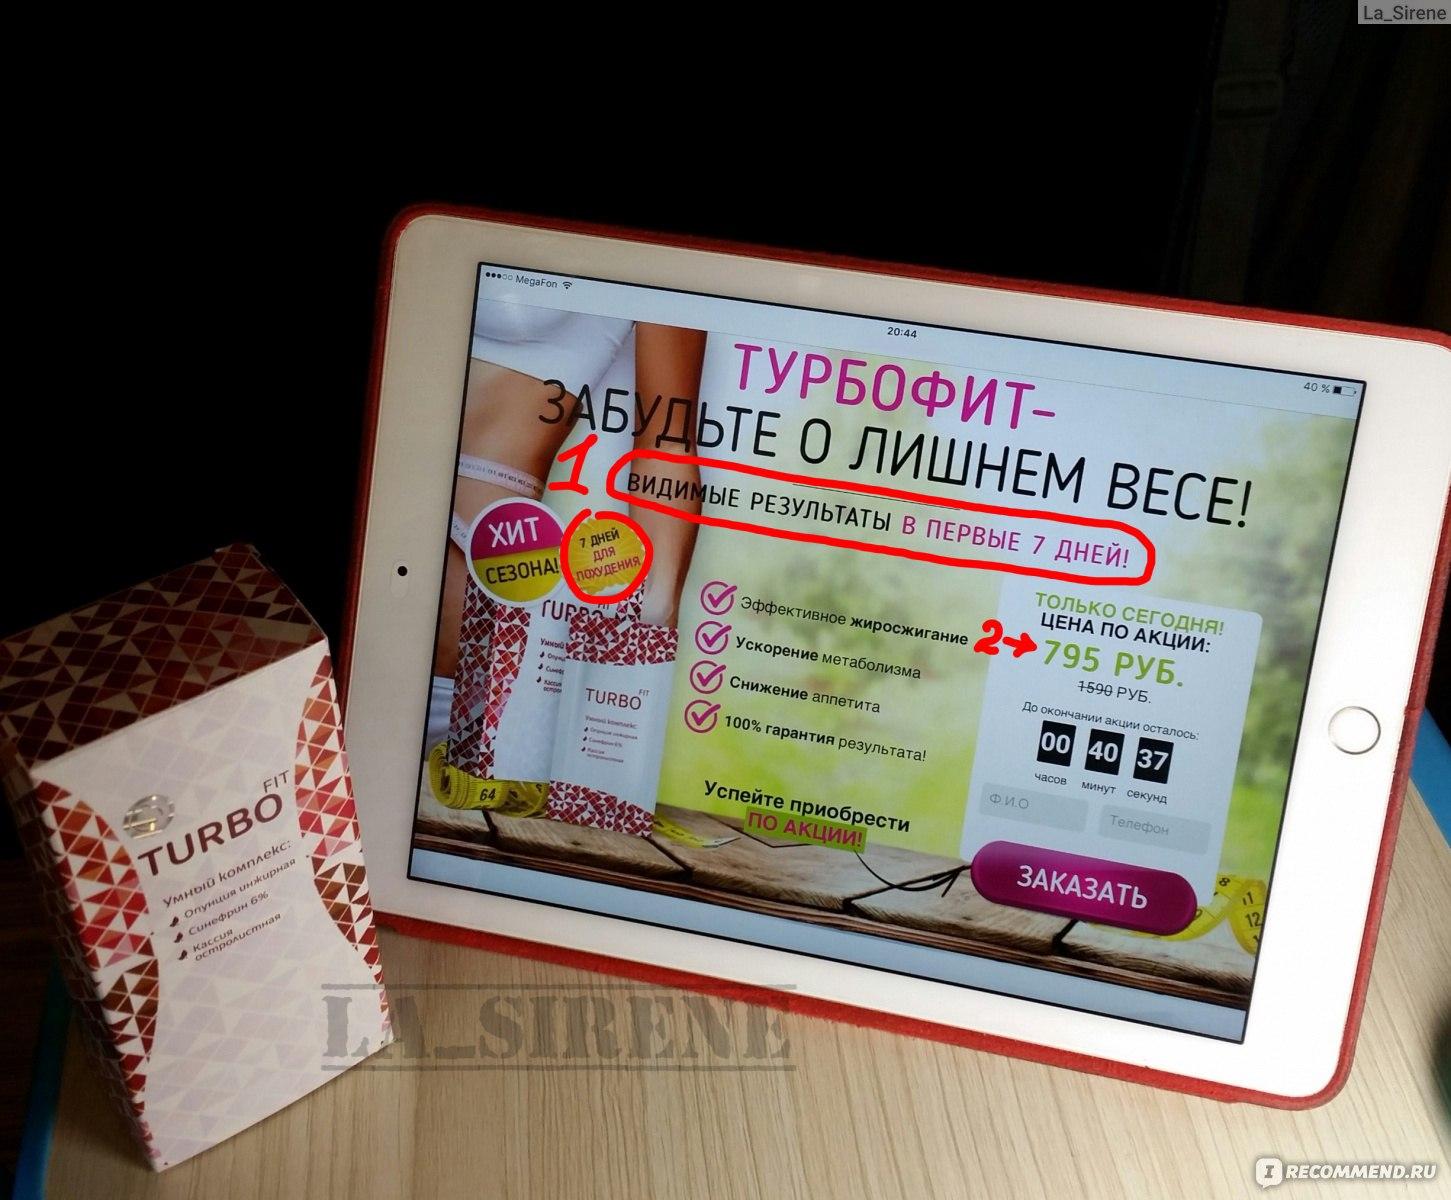 Купить Turbofit за 149 руб. со скидкой в Казани